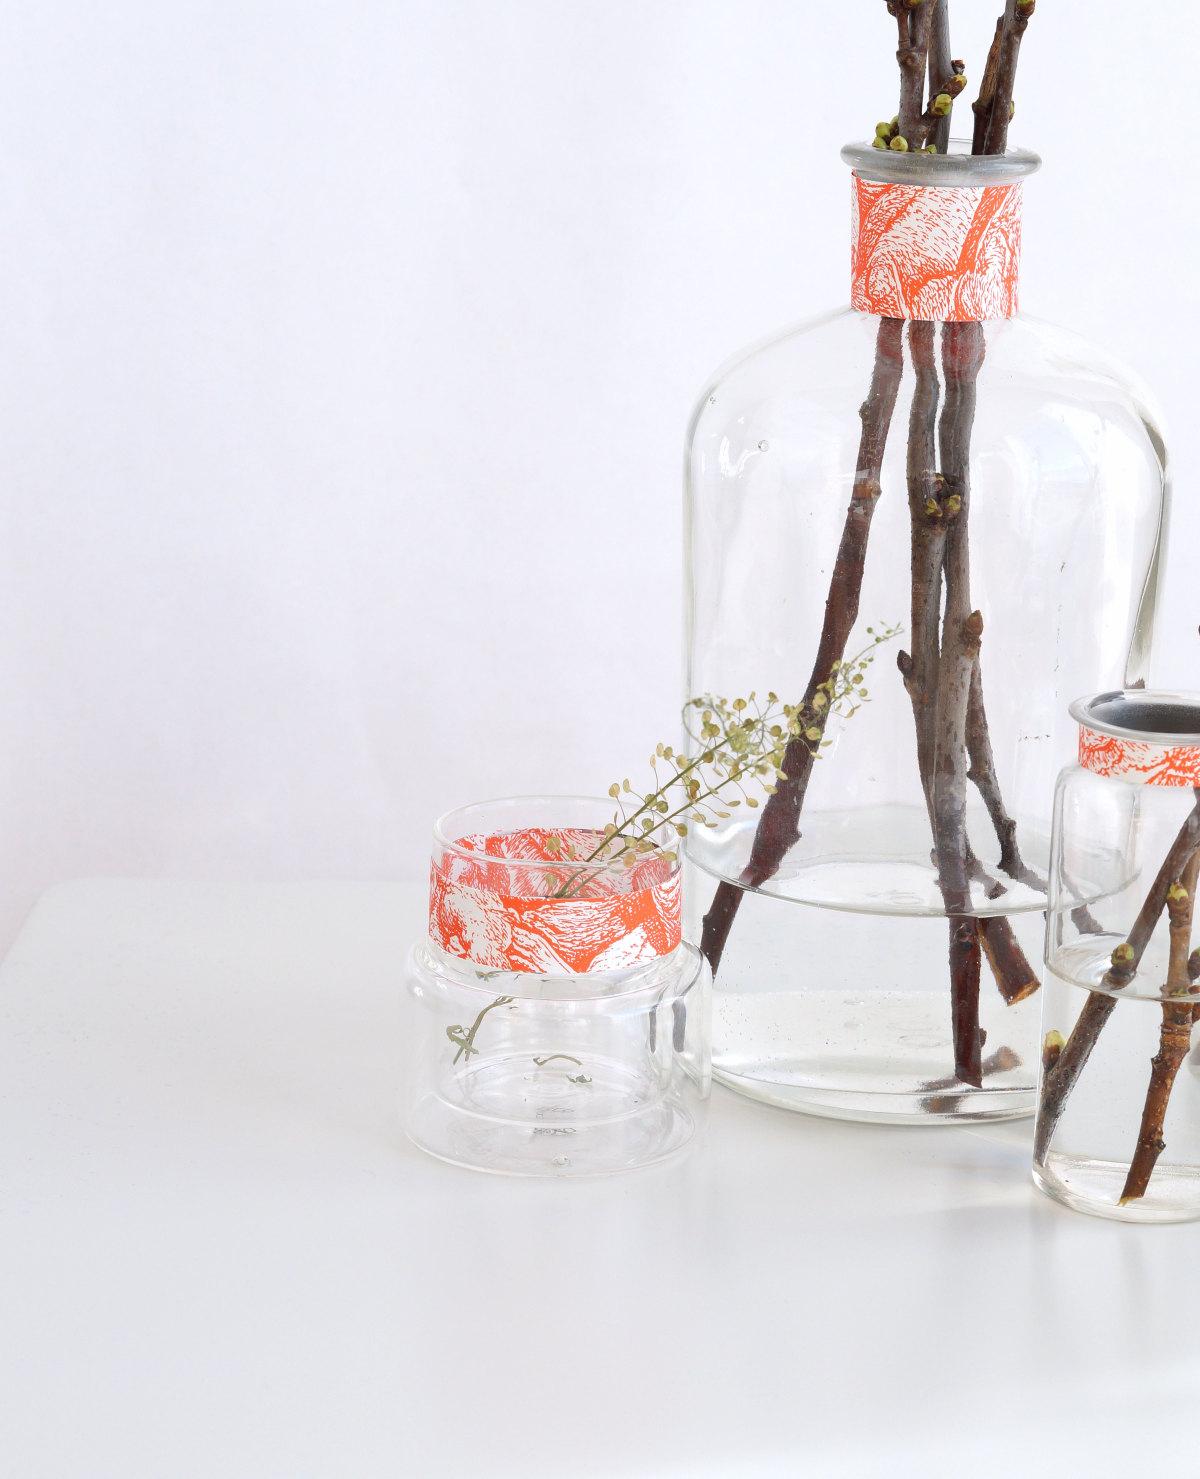 Vasen mit Papierbanderolen | Foto: Sabine Wittig